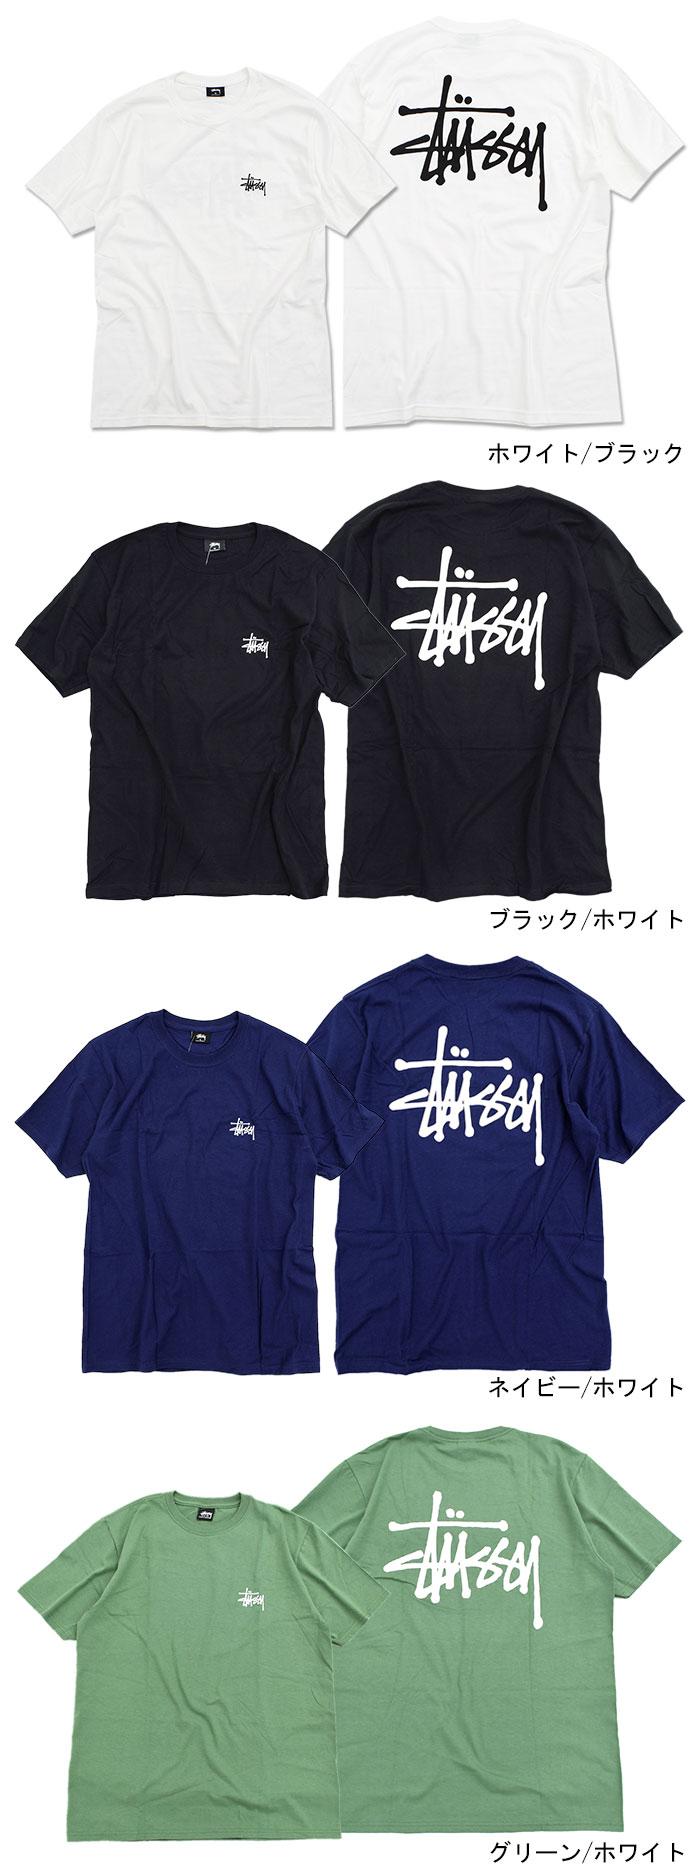 STUSSYステューシーのTシャツ ベーシックステューシー07